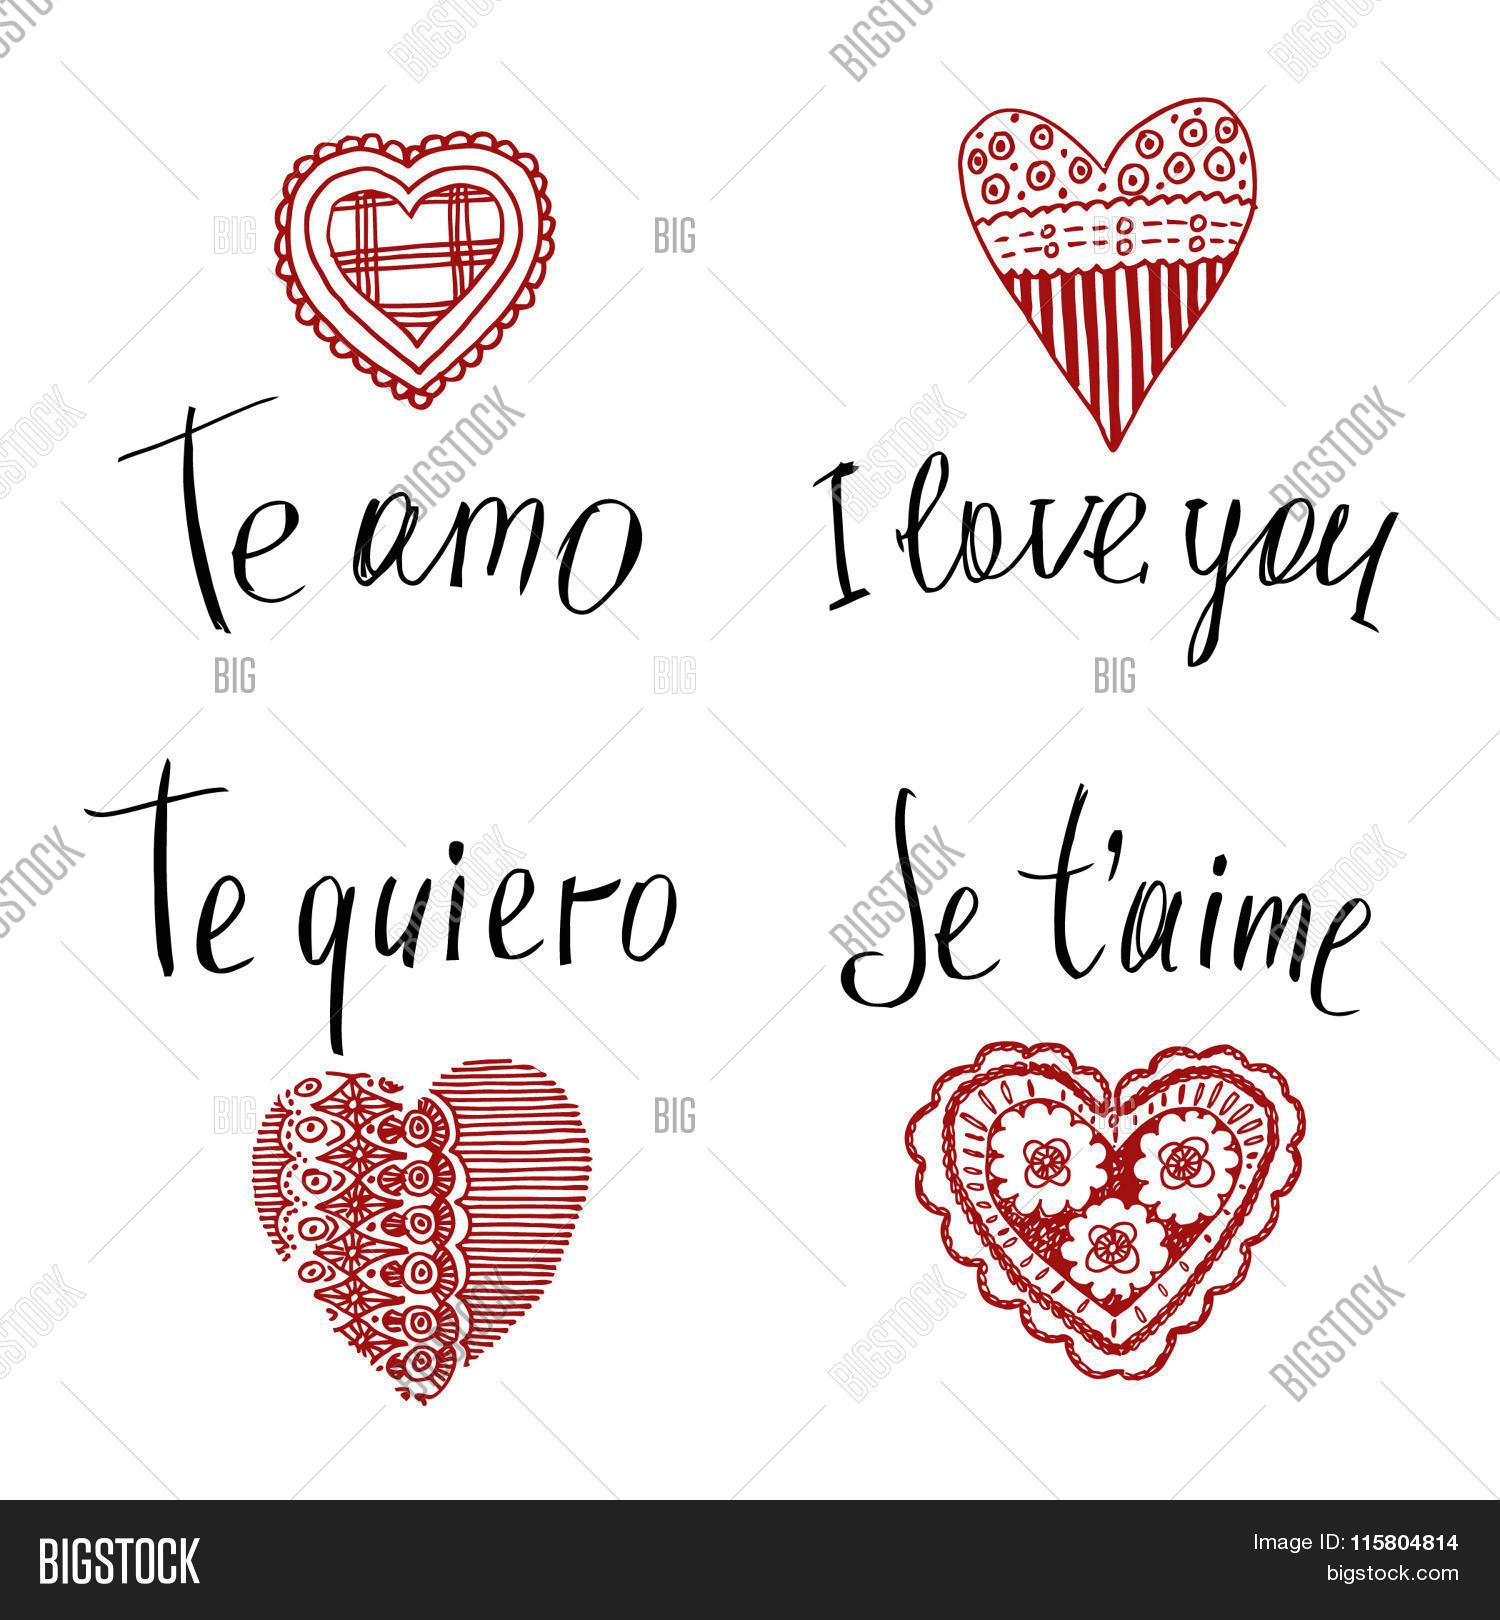 te amo in english